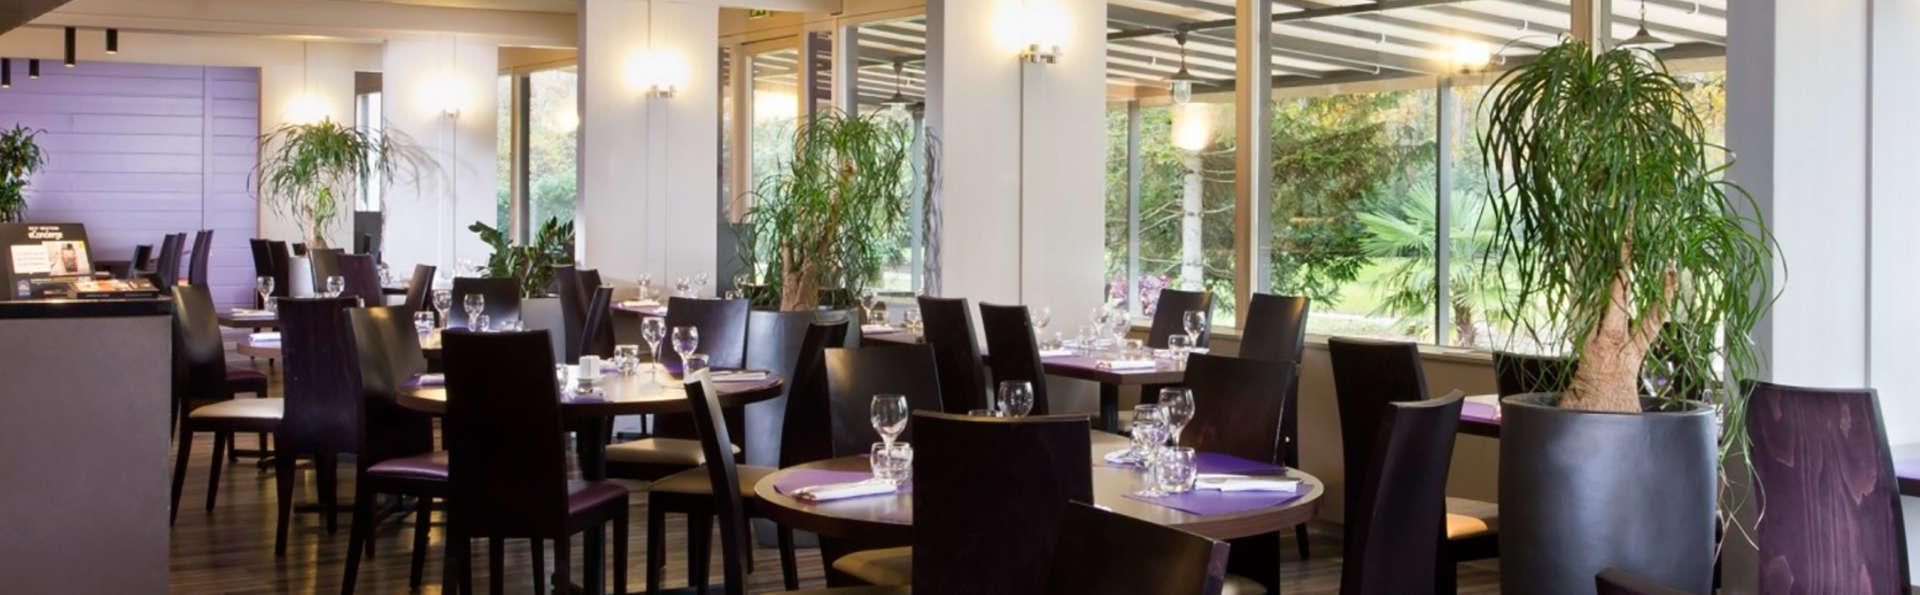 Week-end avec dîner à côté du lac du Bourget, à Chambéry